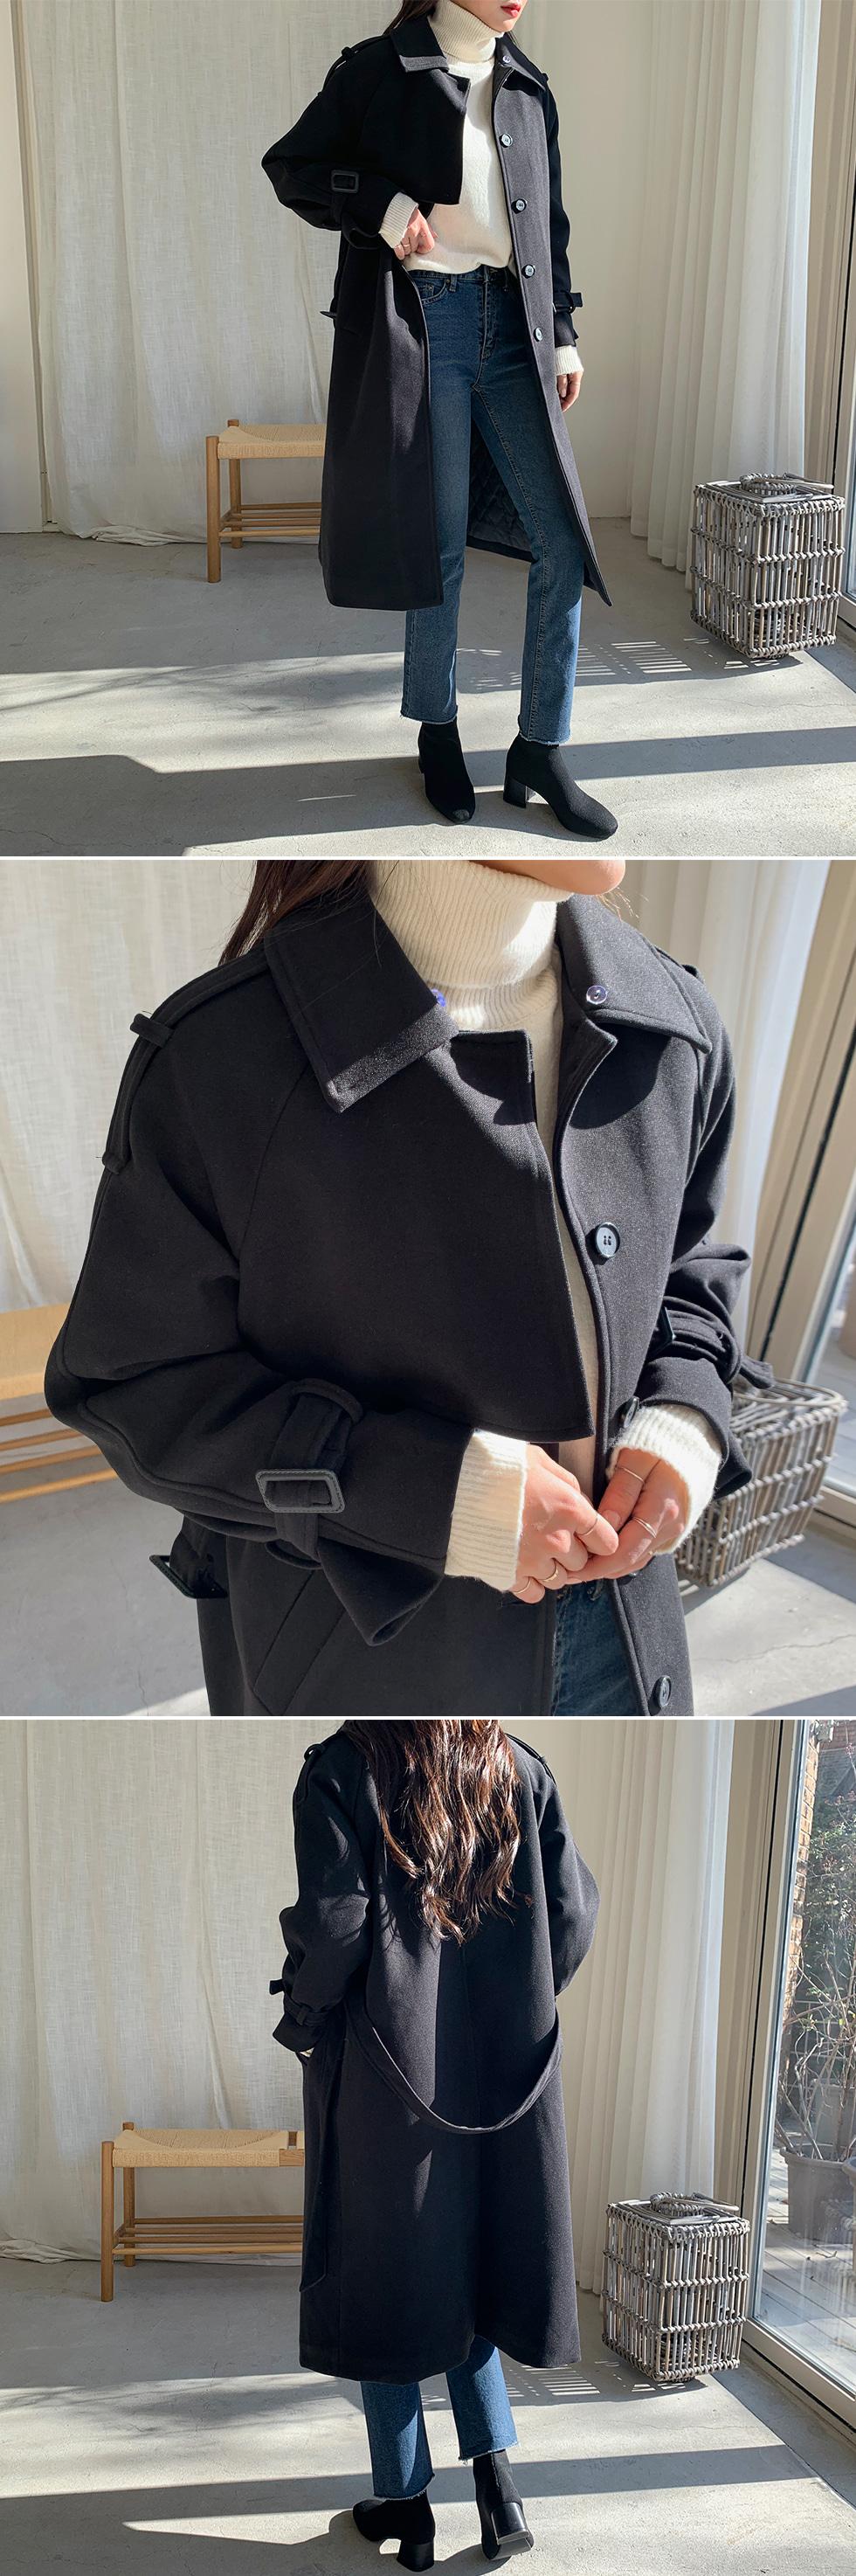 Chic furnubim coat